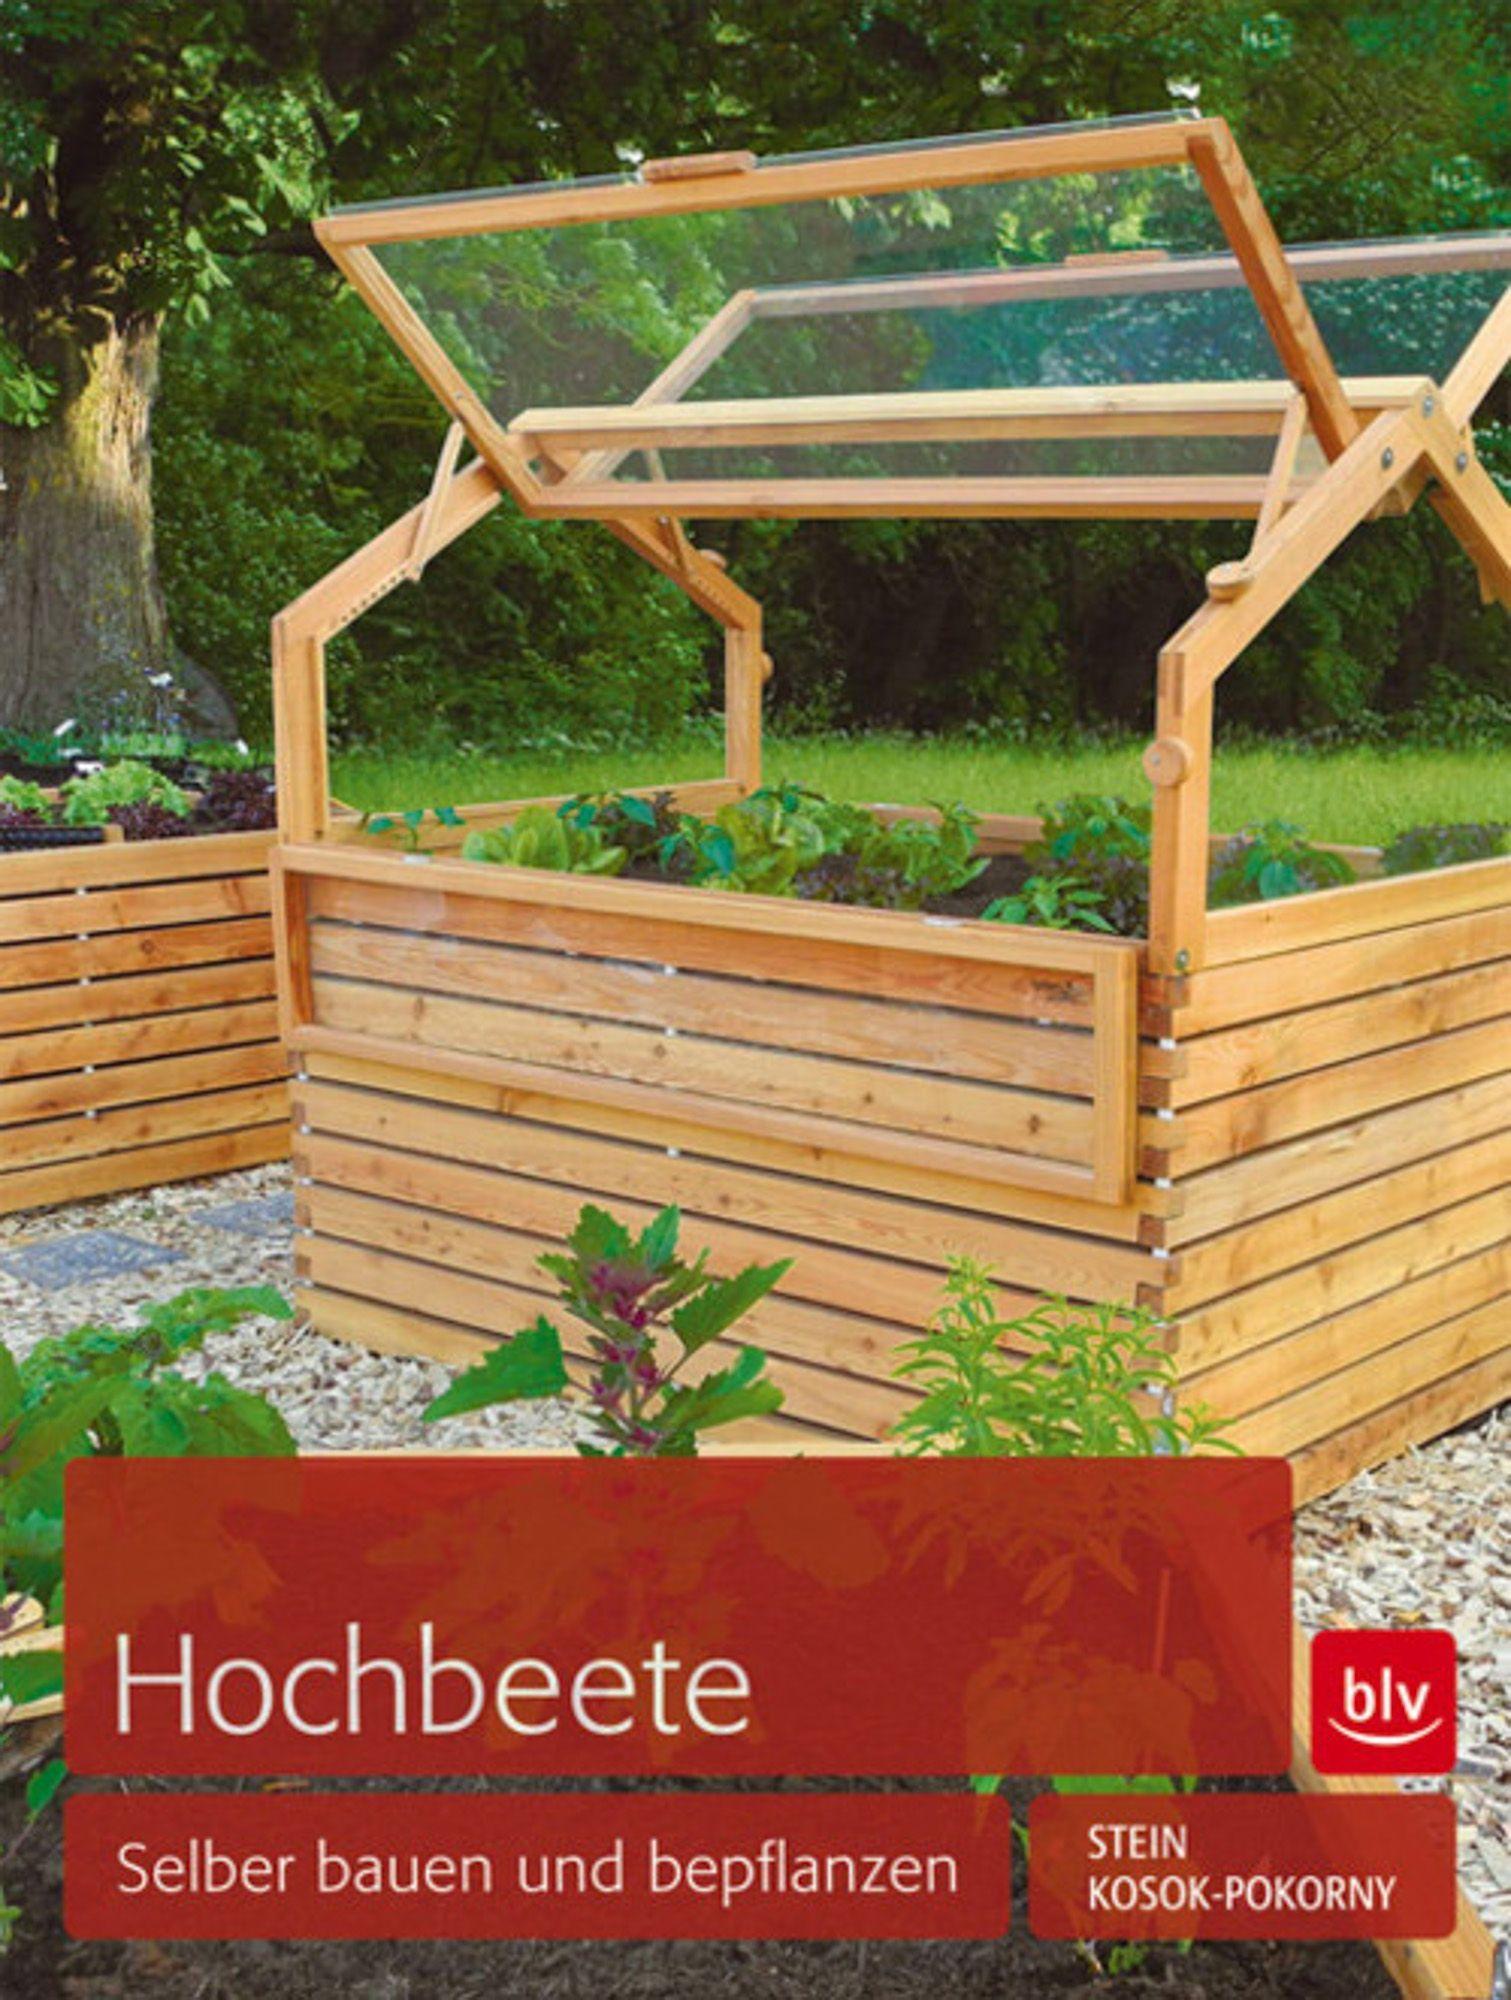 Kombination Hochbeet Mit Fruhbeet Als Aufsatz Fruhbeetaufsatz Als Aufsatz Fruhbeet Fruhbeetaufsatz In 2020 Building Raised Garden Beds Cold Frame Raised Beds